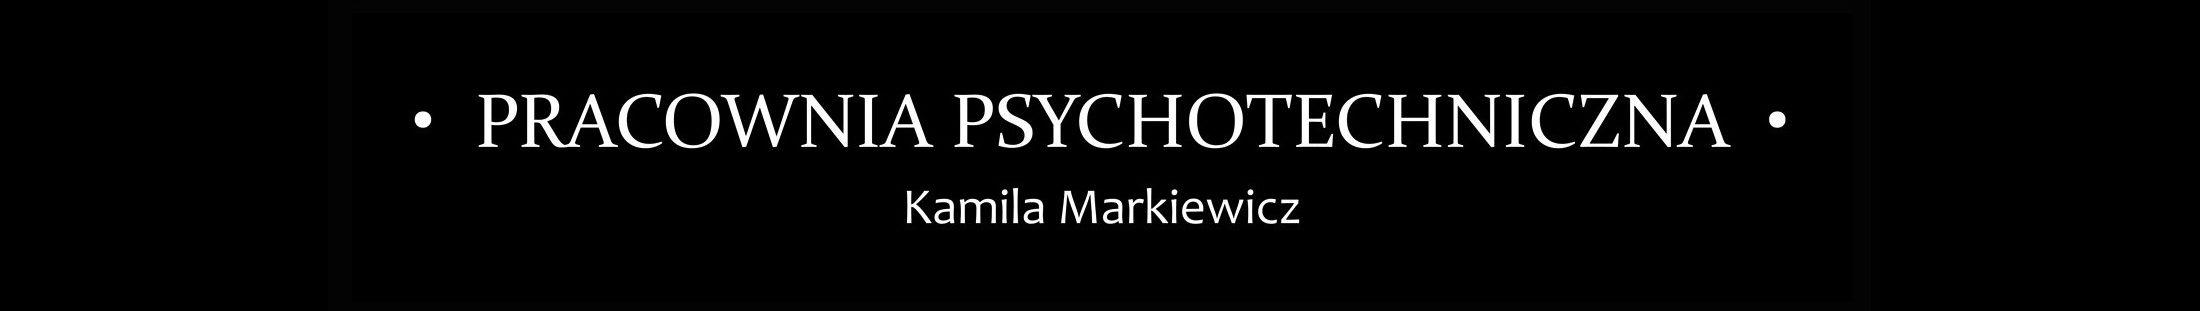 PRACOWNIA PSYCHOTECHNICZNA – Kamila Markiewicz